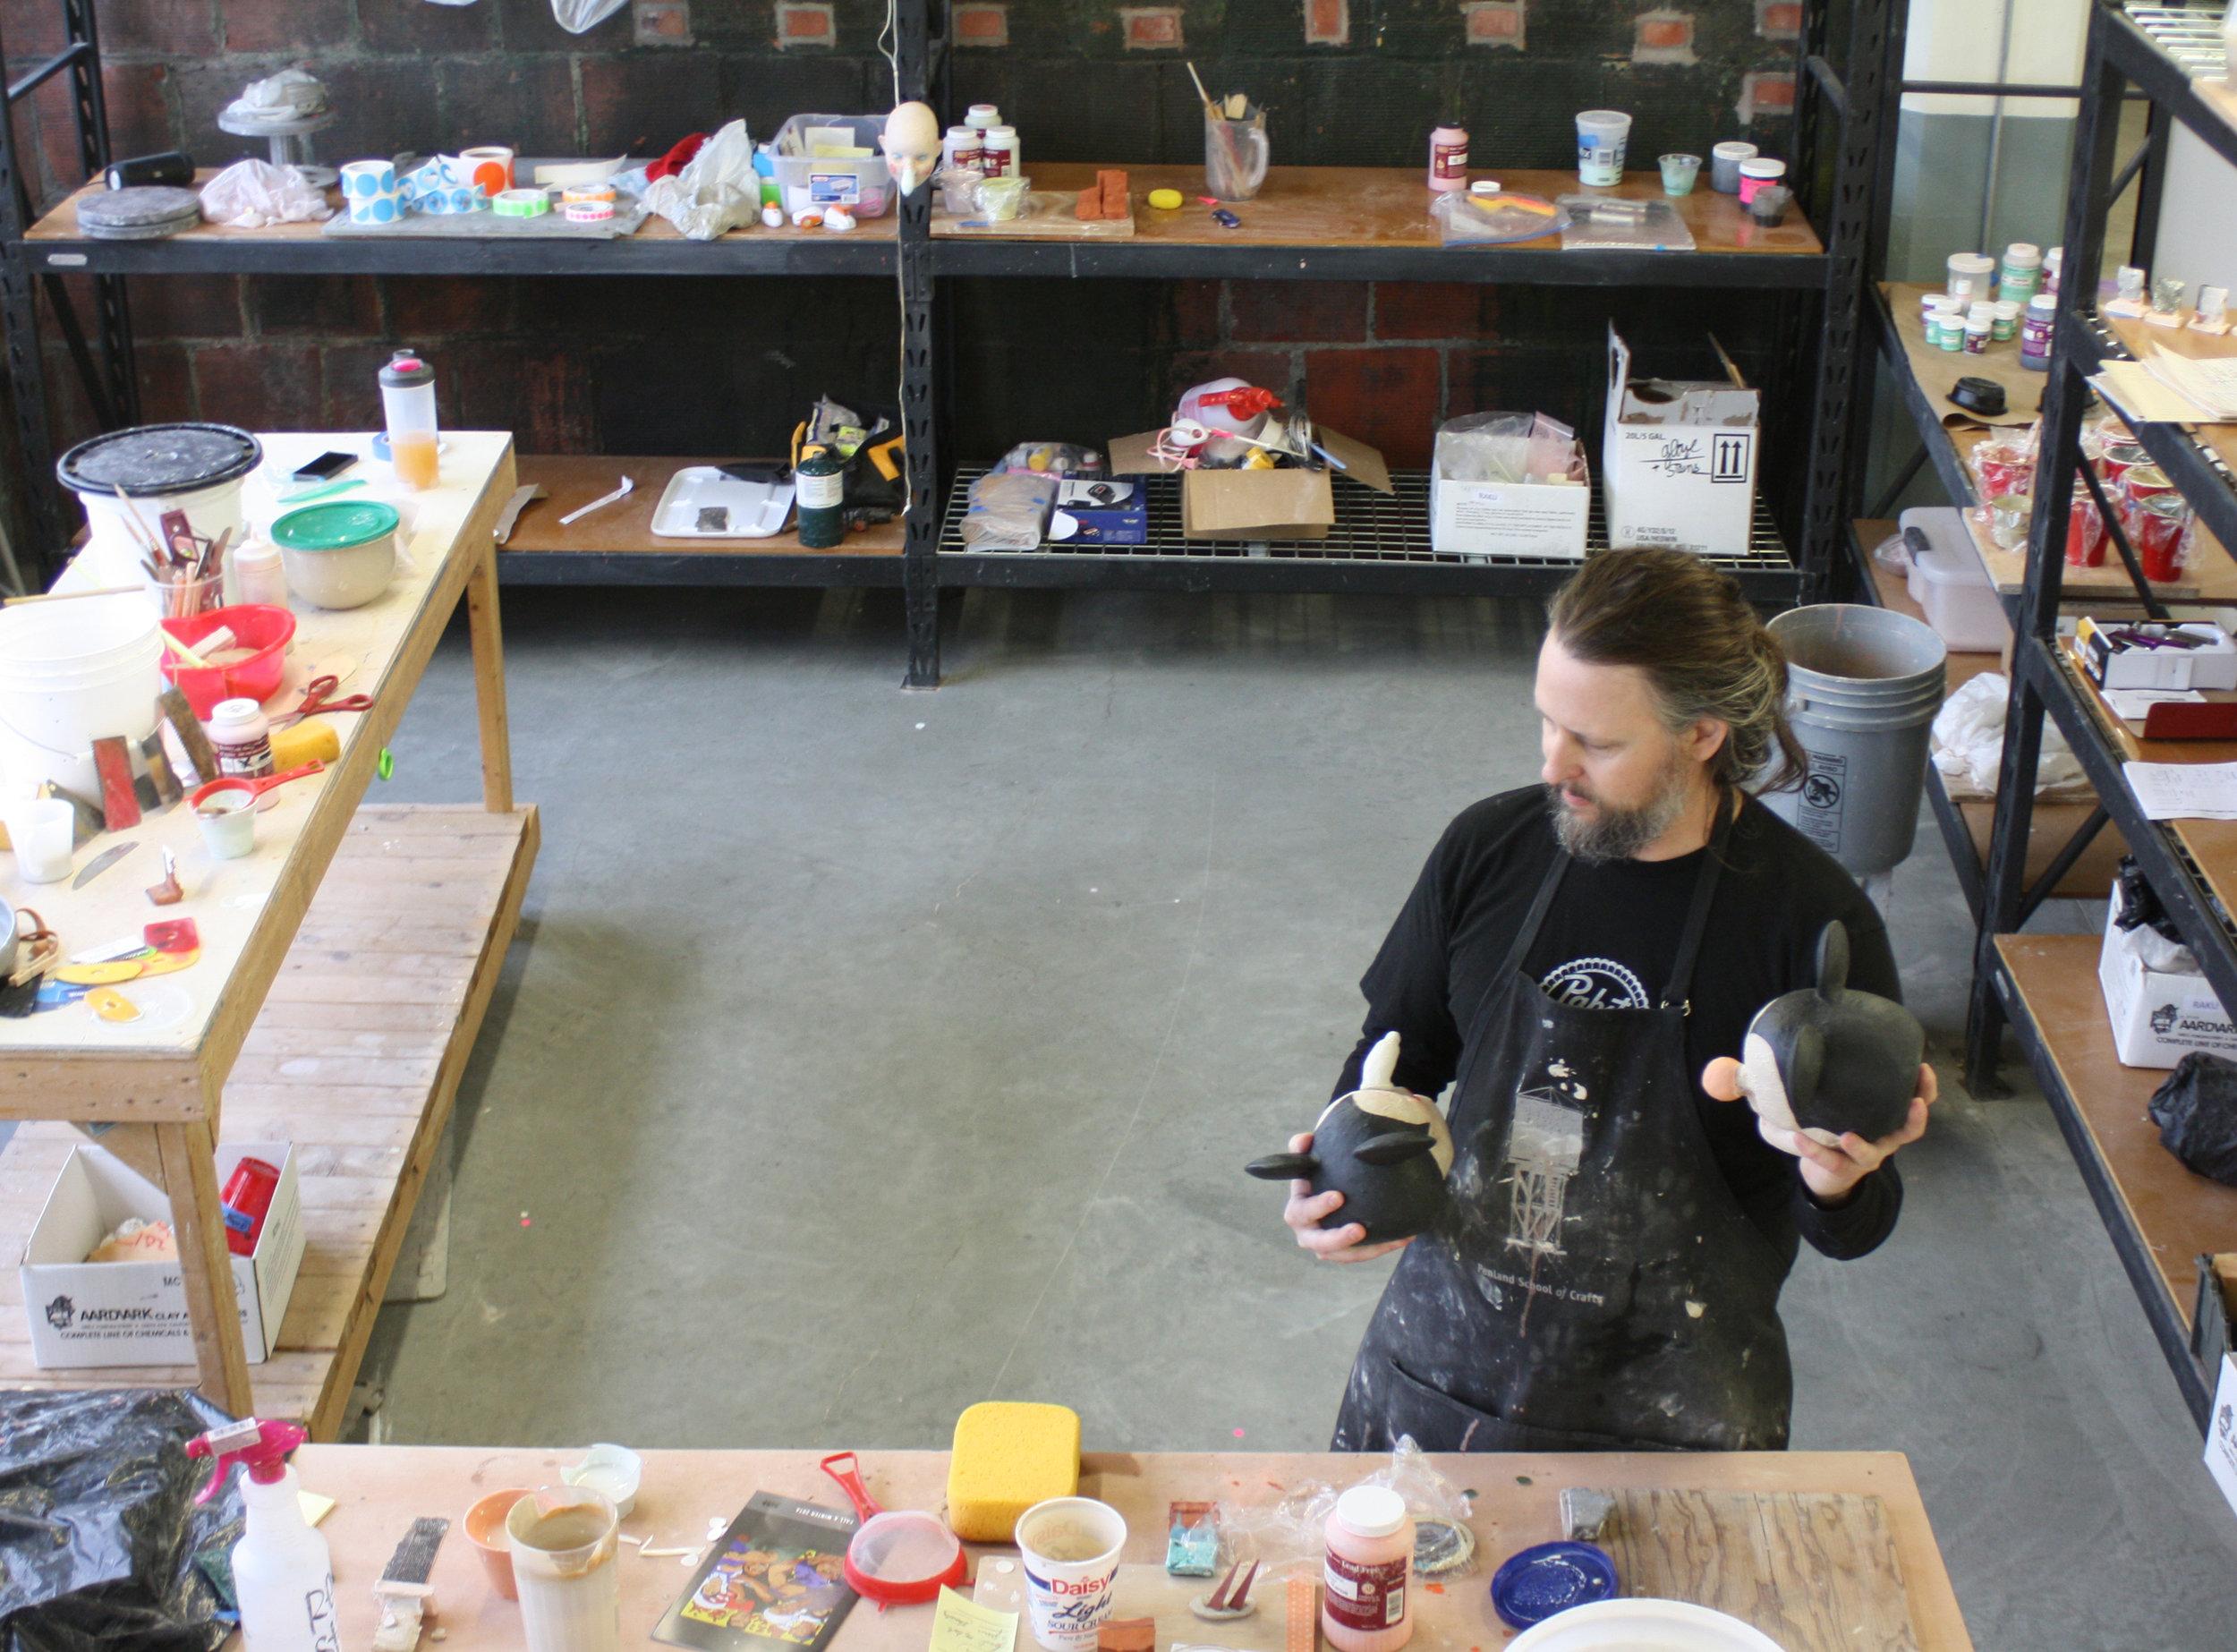 Tom Bartel working in Studio - February 2017